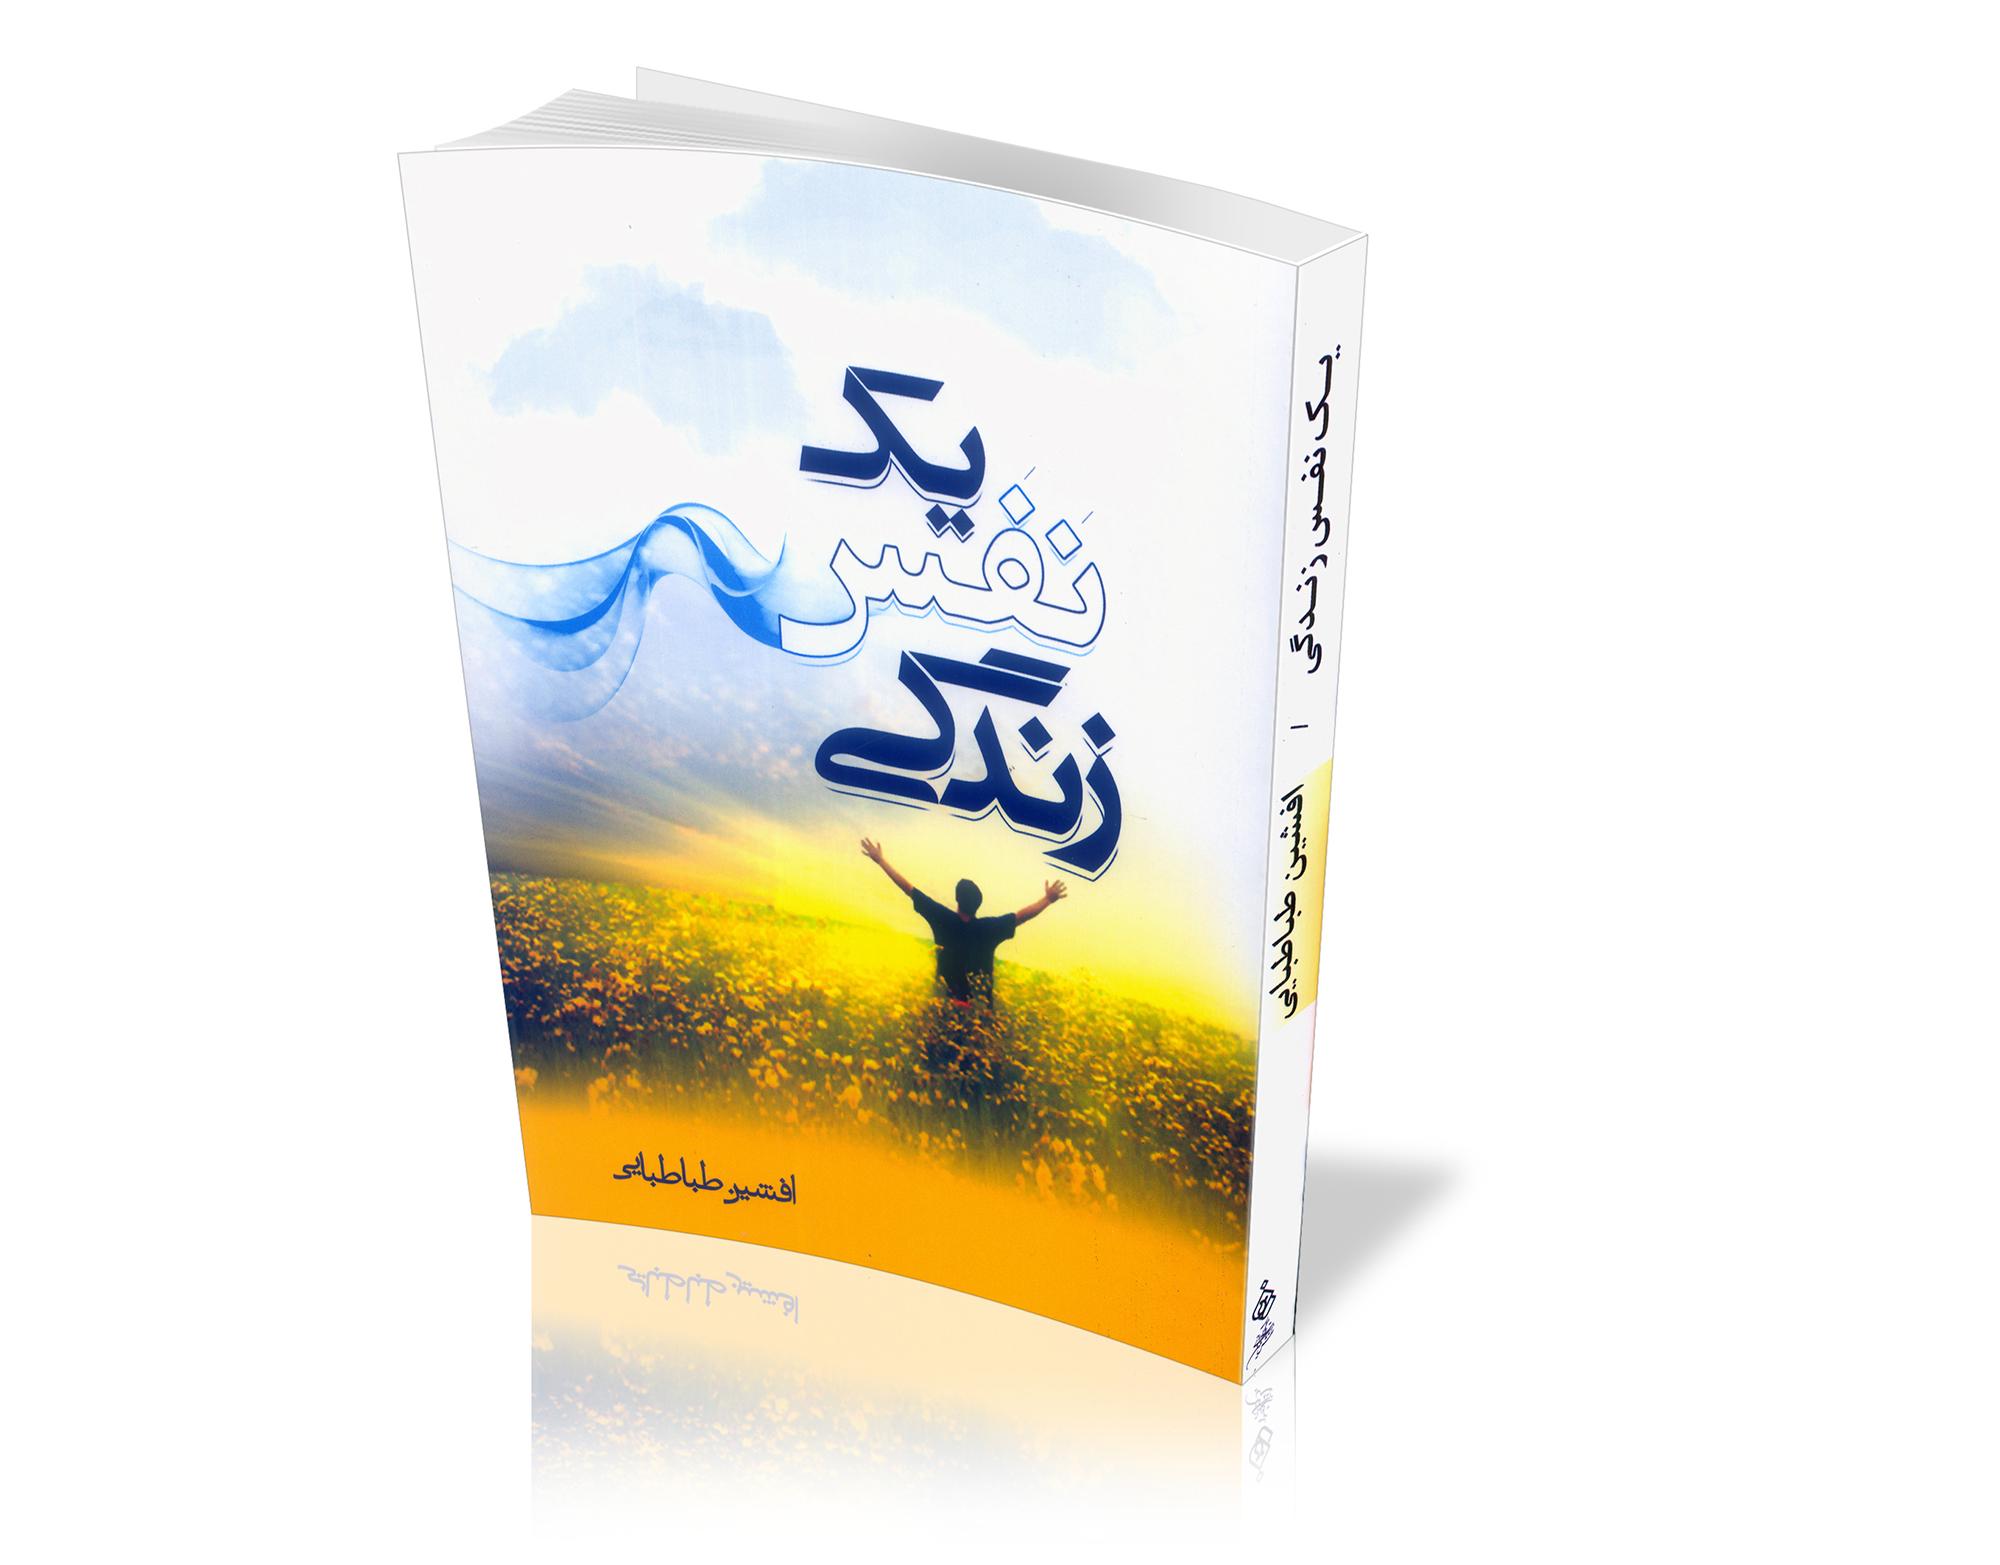 کتاب یک نفس زندگی